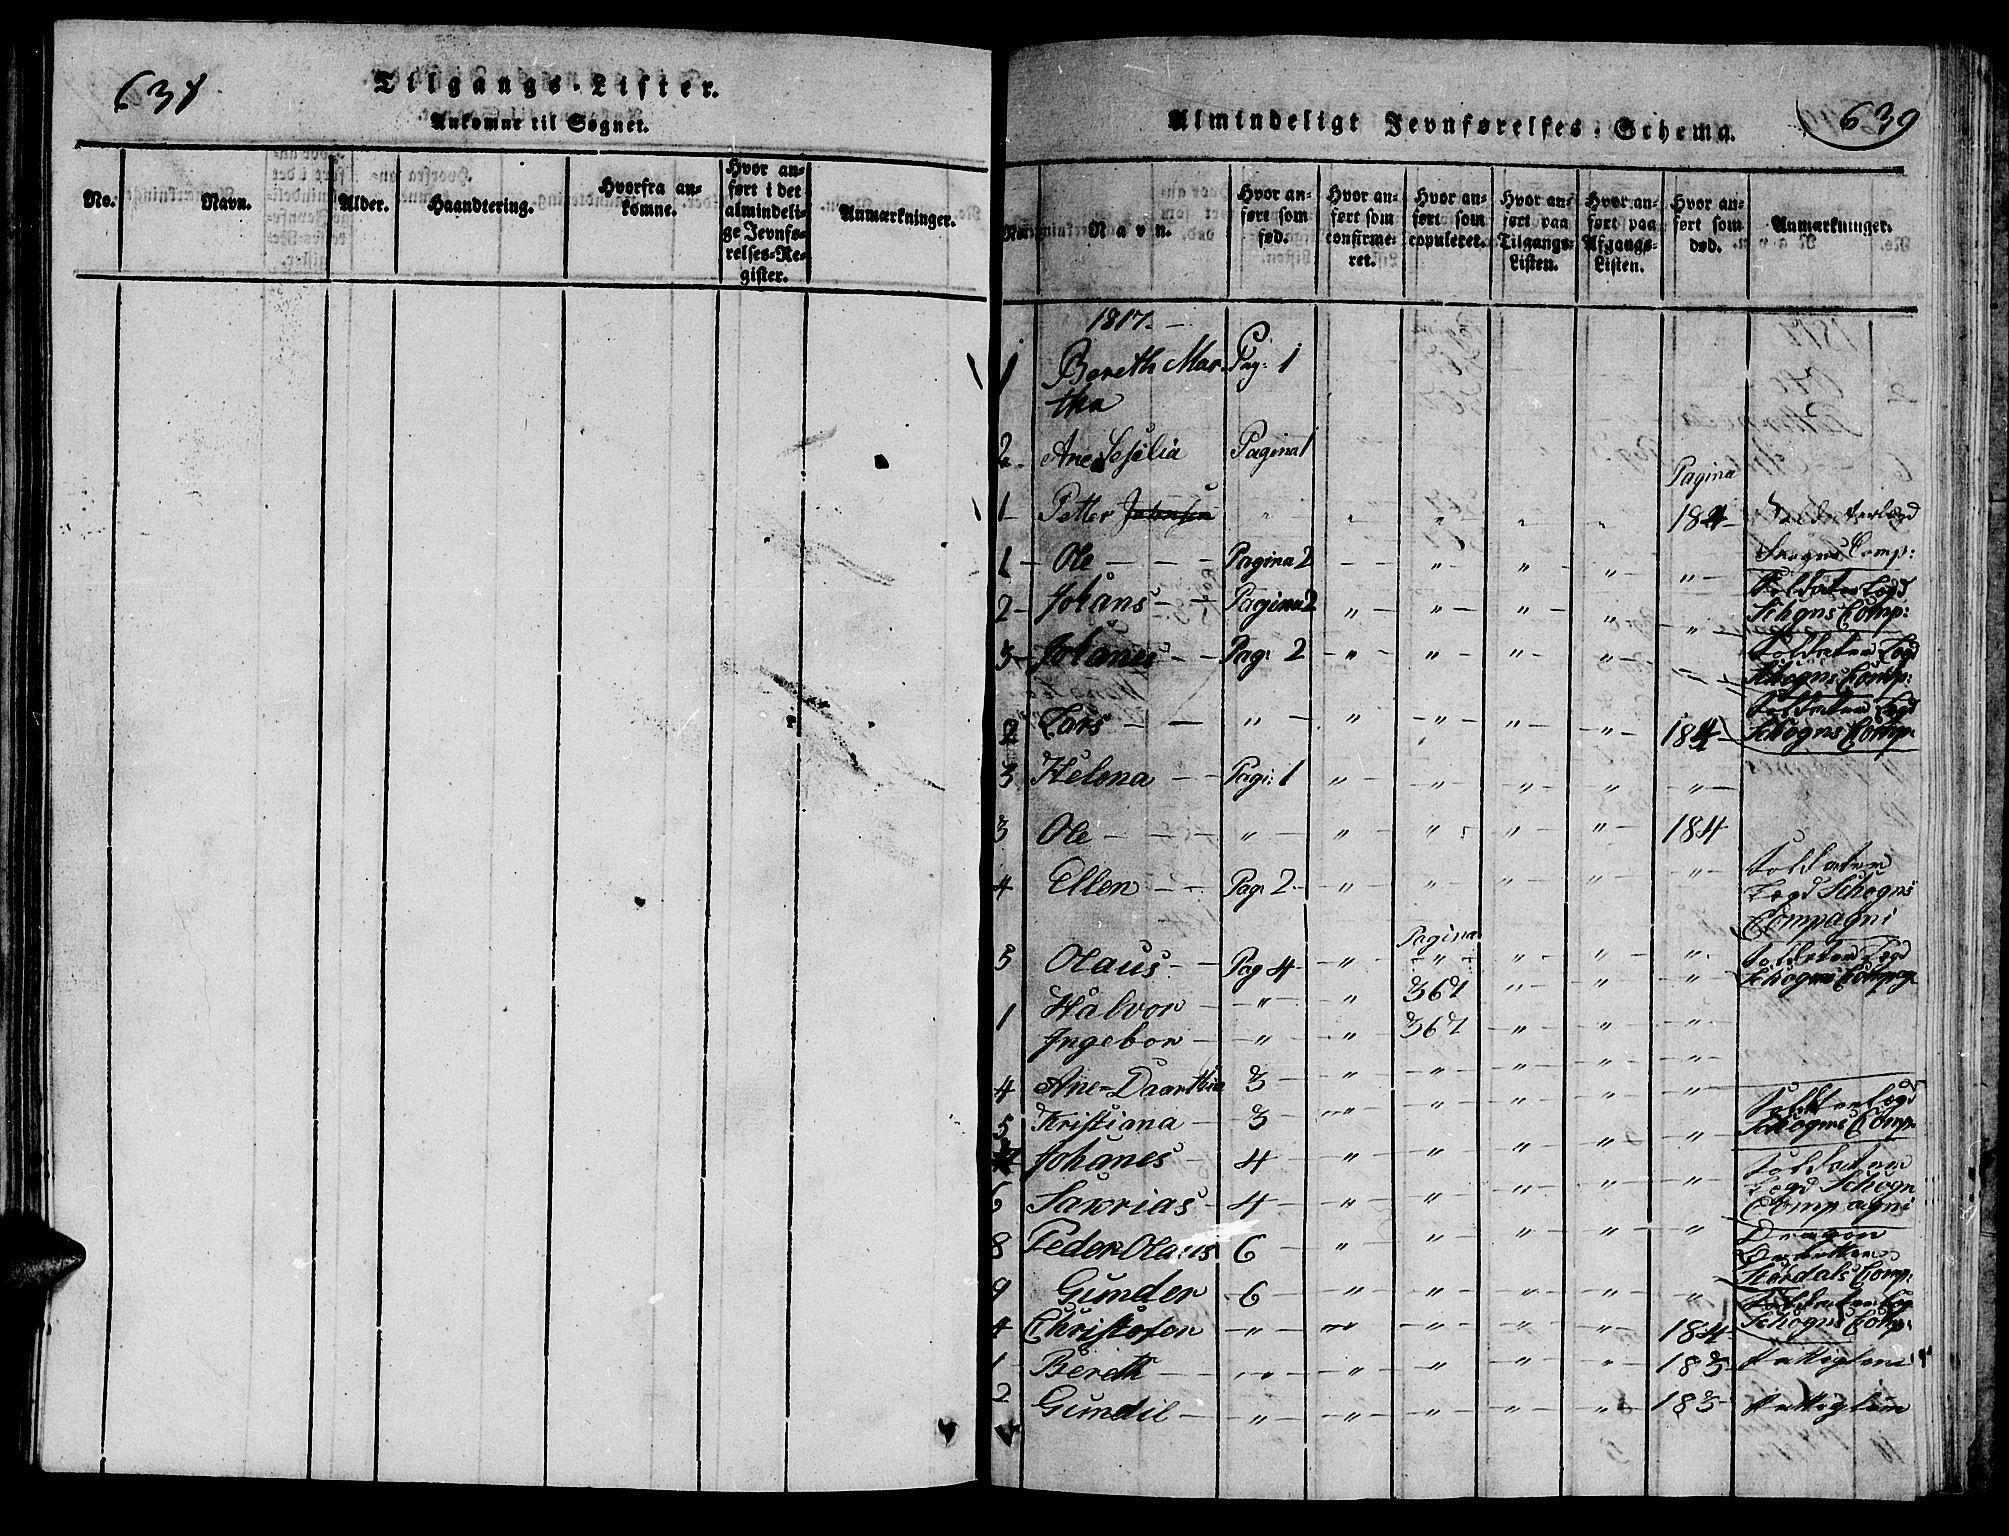 SAT, Ministerialprotokoller, klokkerbøker og fødselsregistre - Nord-Trøndelag, 714/L0132: Klokkerbok nr. 714C01, 1817-1824, s. 637-639